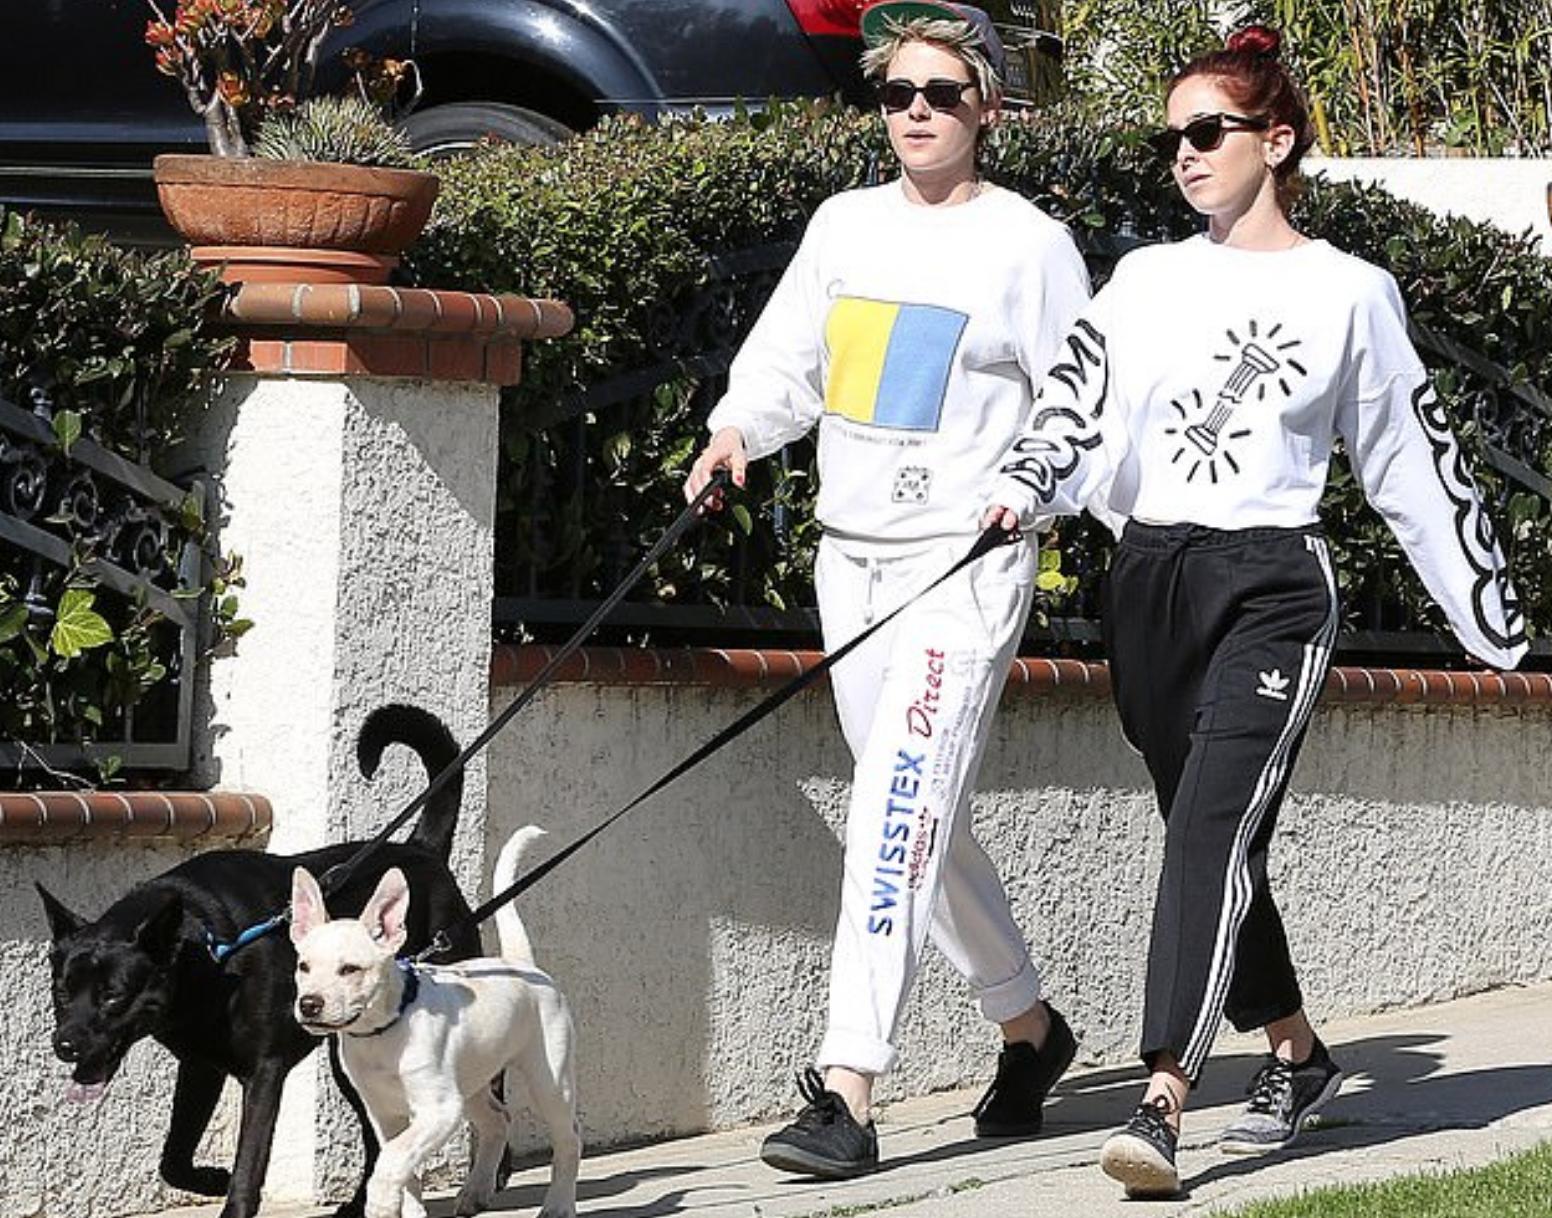 Image for Quelles sont les professions de la nouvelle petite amie de Kristen Stewart ?